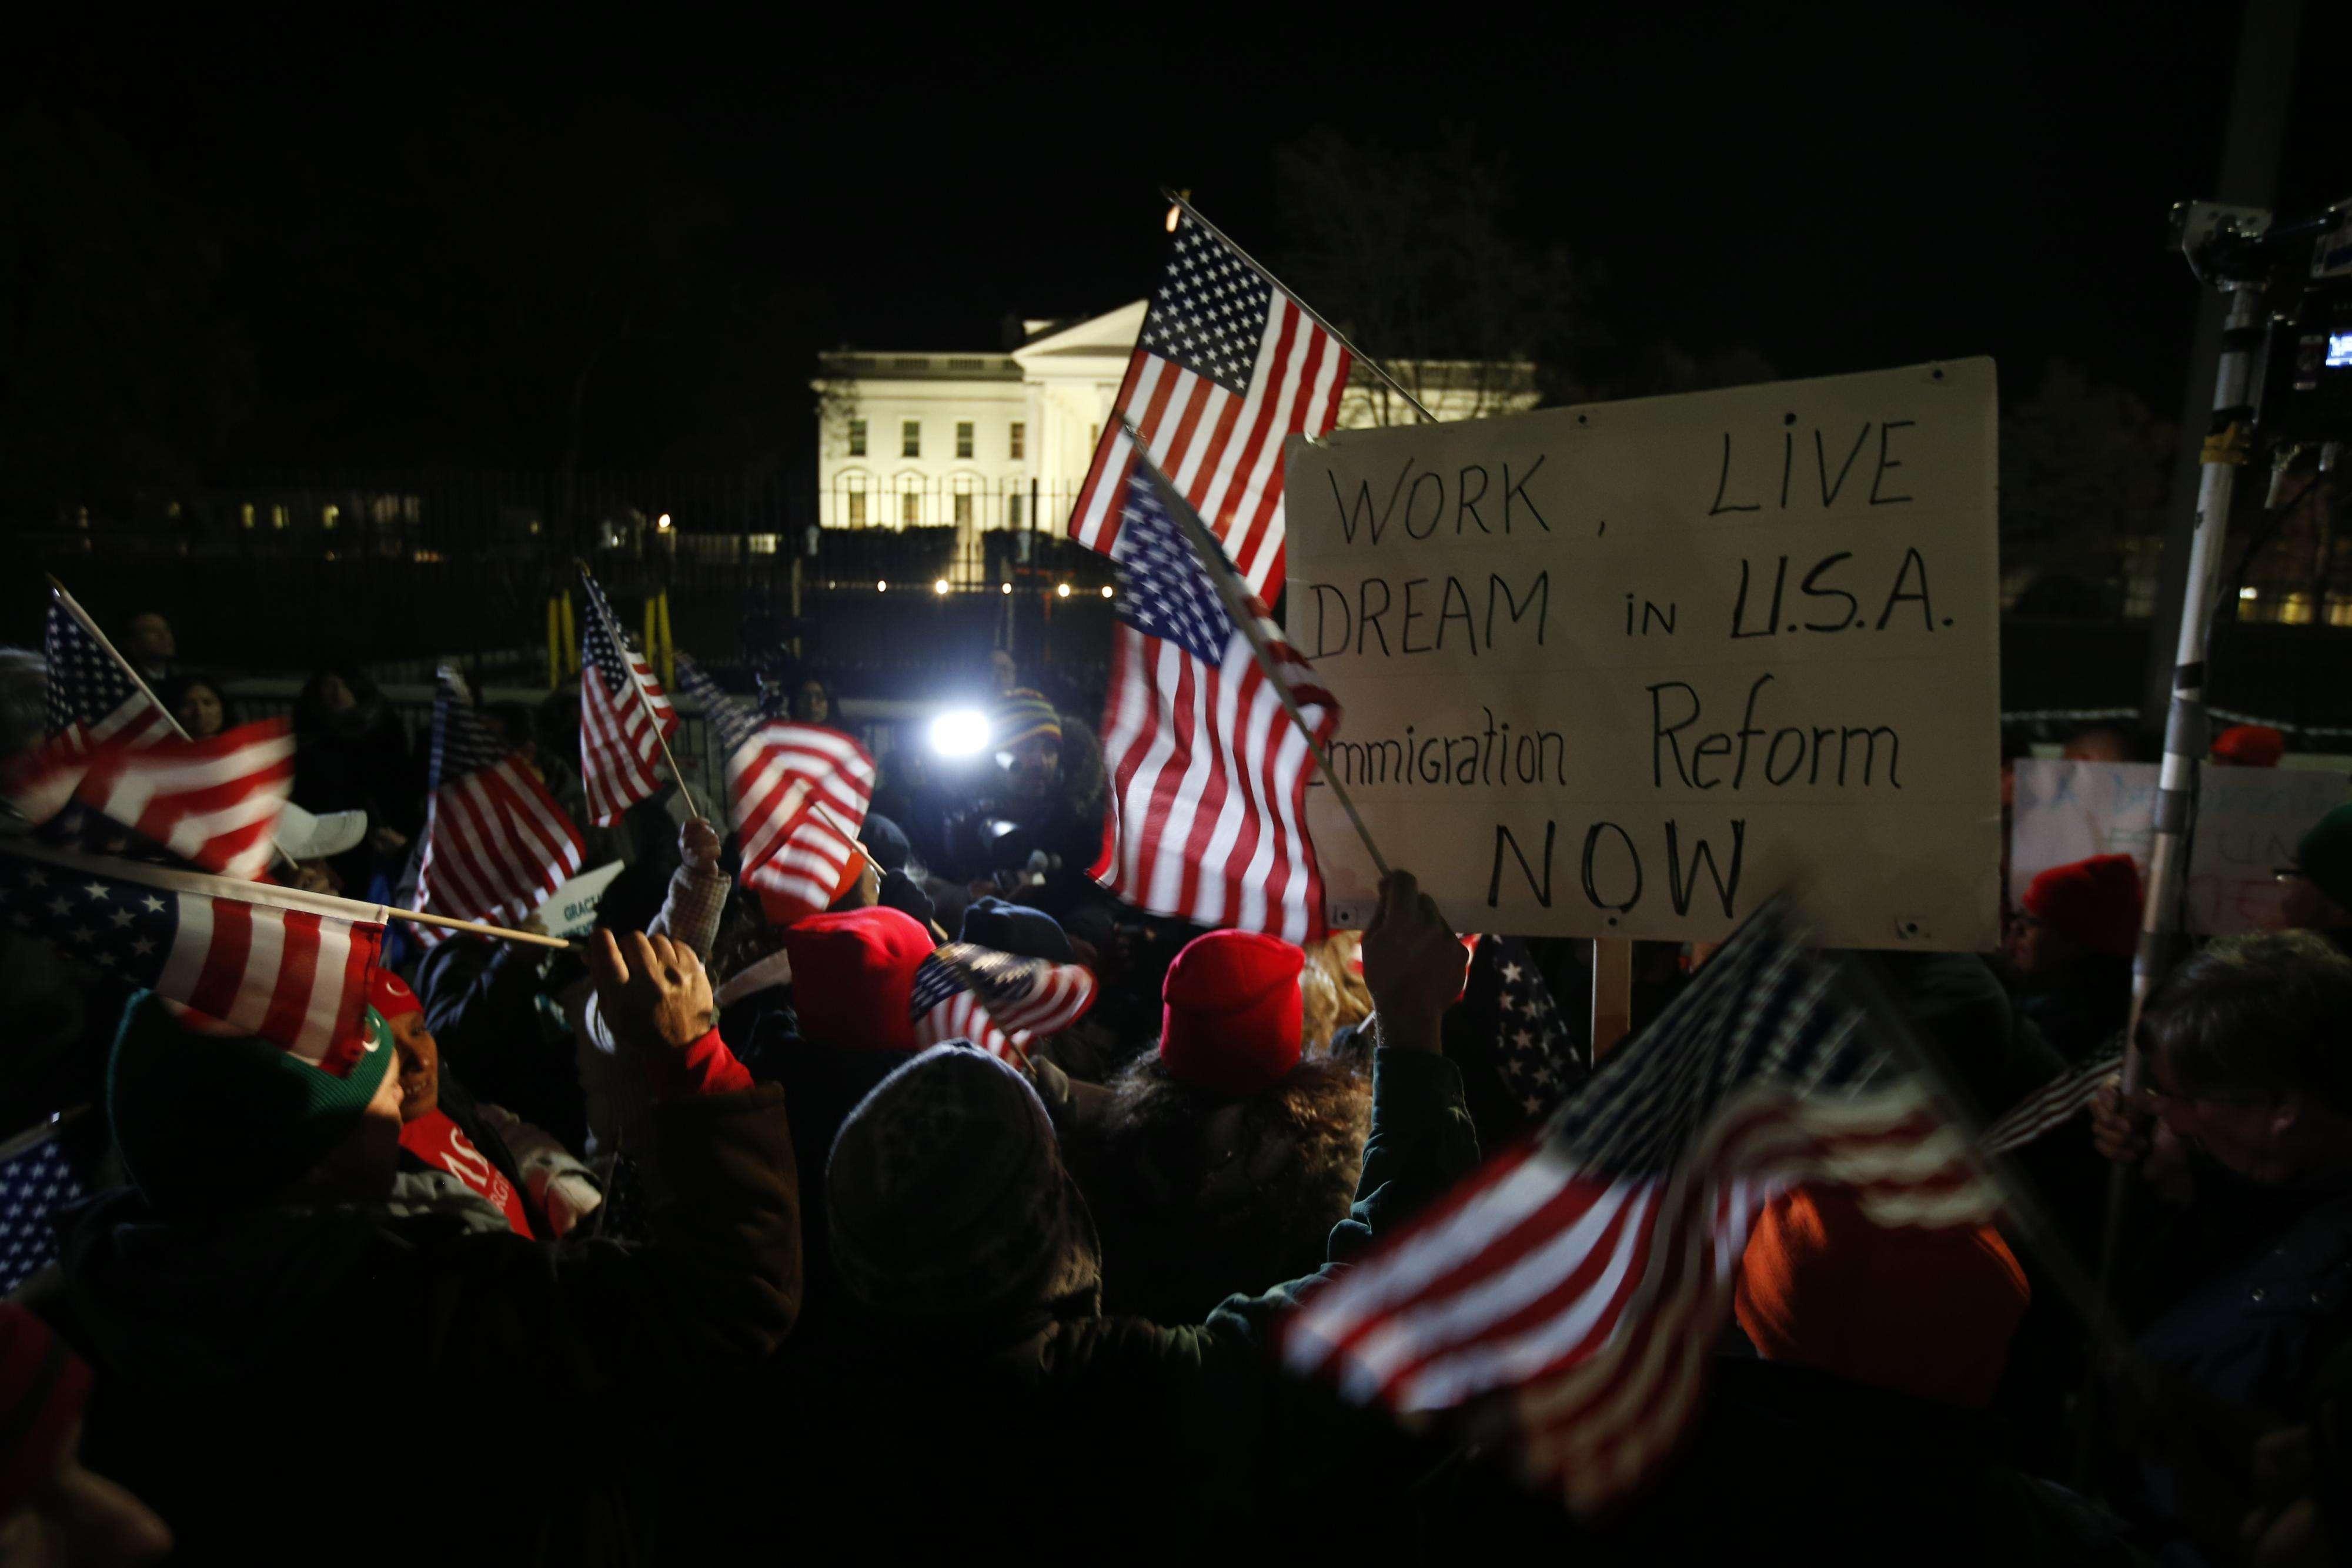 Participantes en un mitin levantan carteles y hacen ondear banderas estadounidenses mientras se reúnen frente a la Casa Blanca, en Washington,el jueves 20 de noviembre de 2014 Foto: AP en español